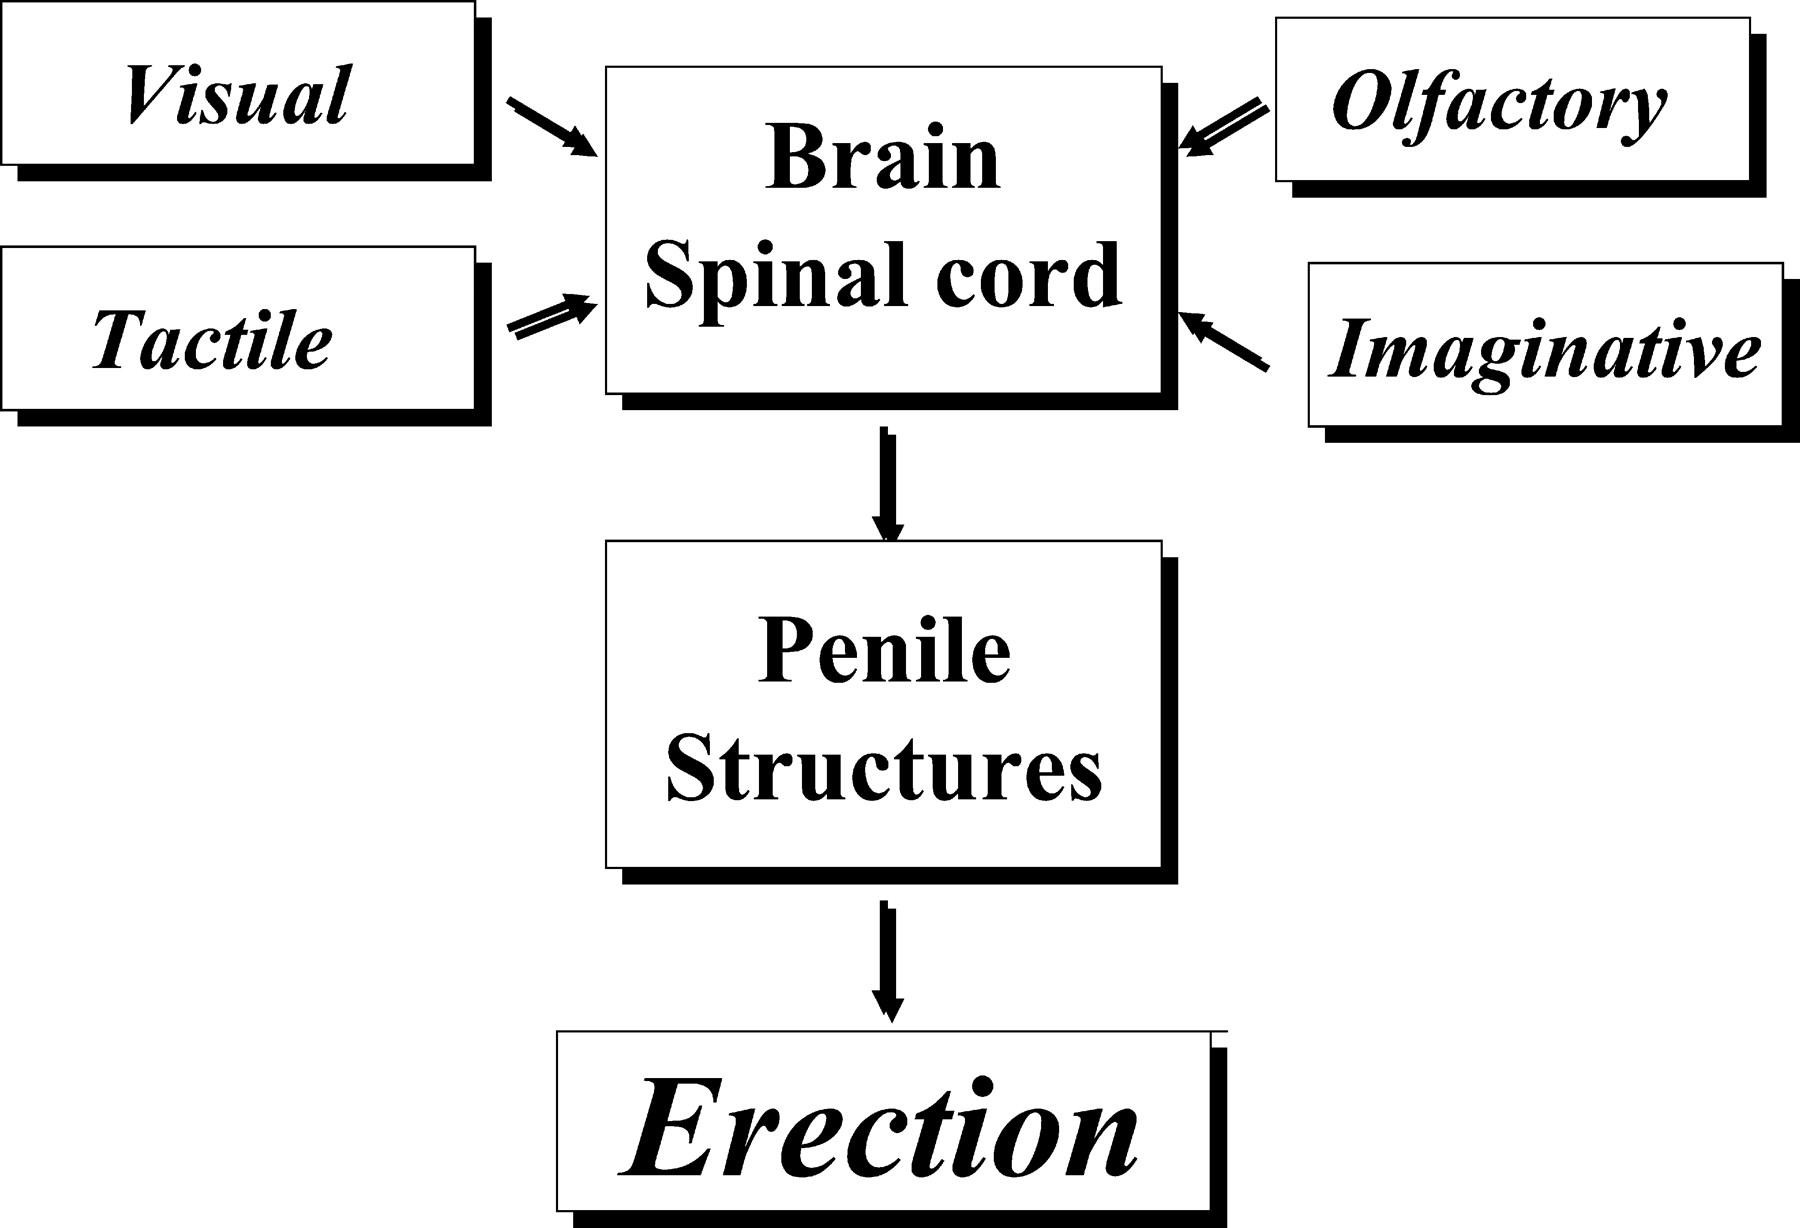 Pharmacology Of Penile